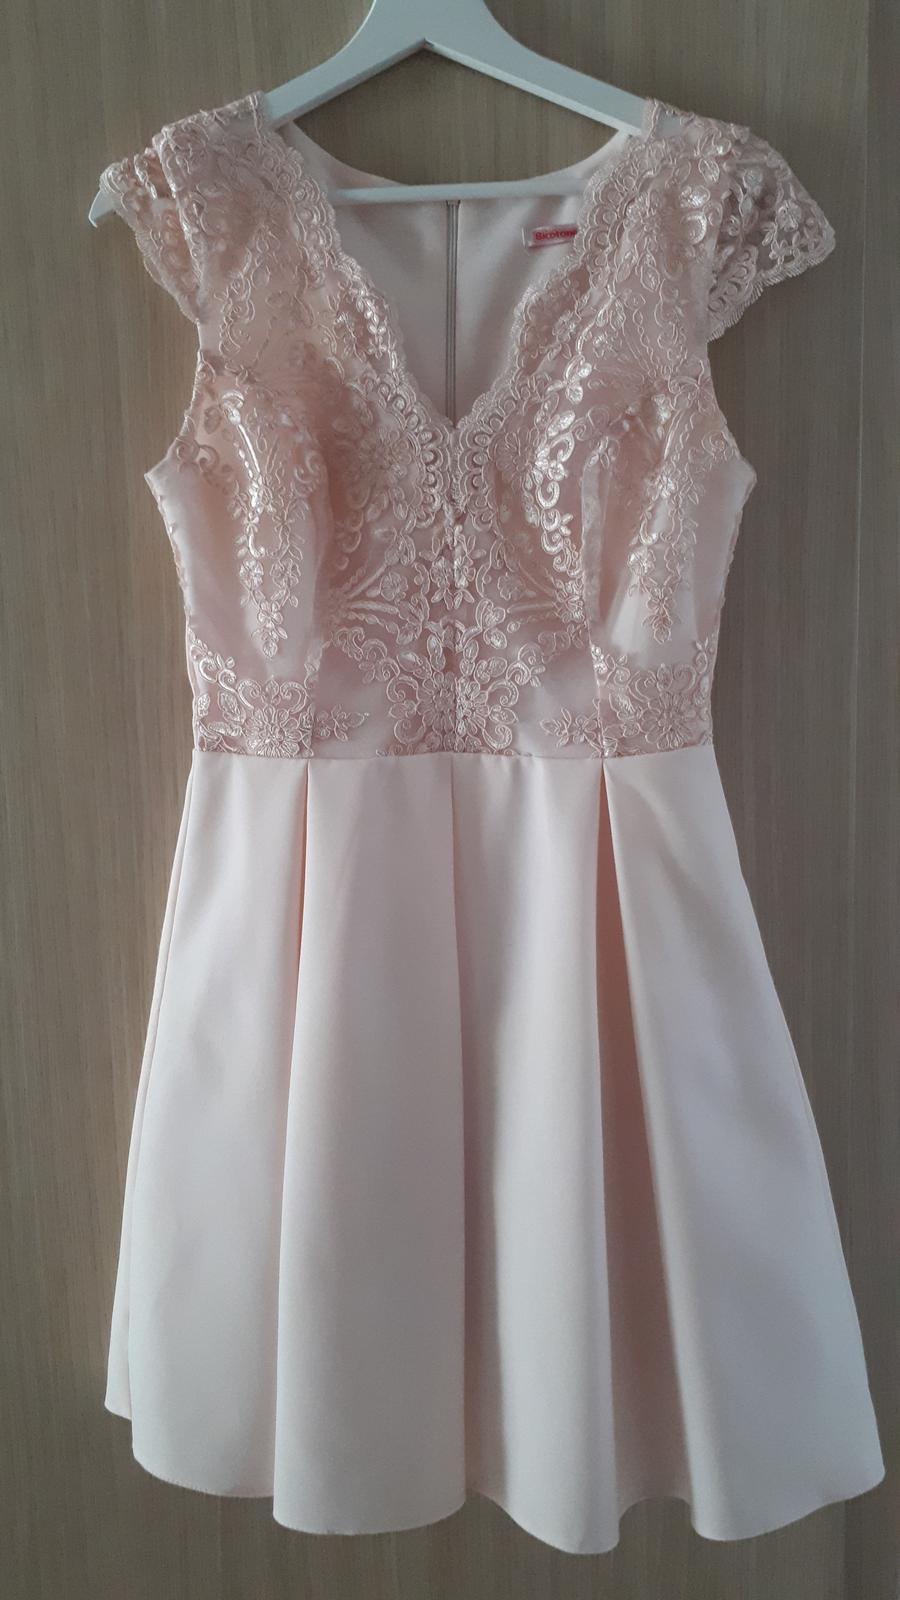 Marhuľové spoločenské šaty - Obrázok č. 2